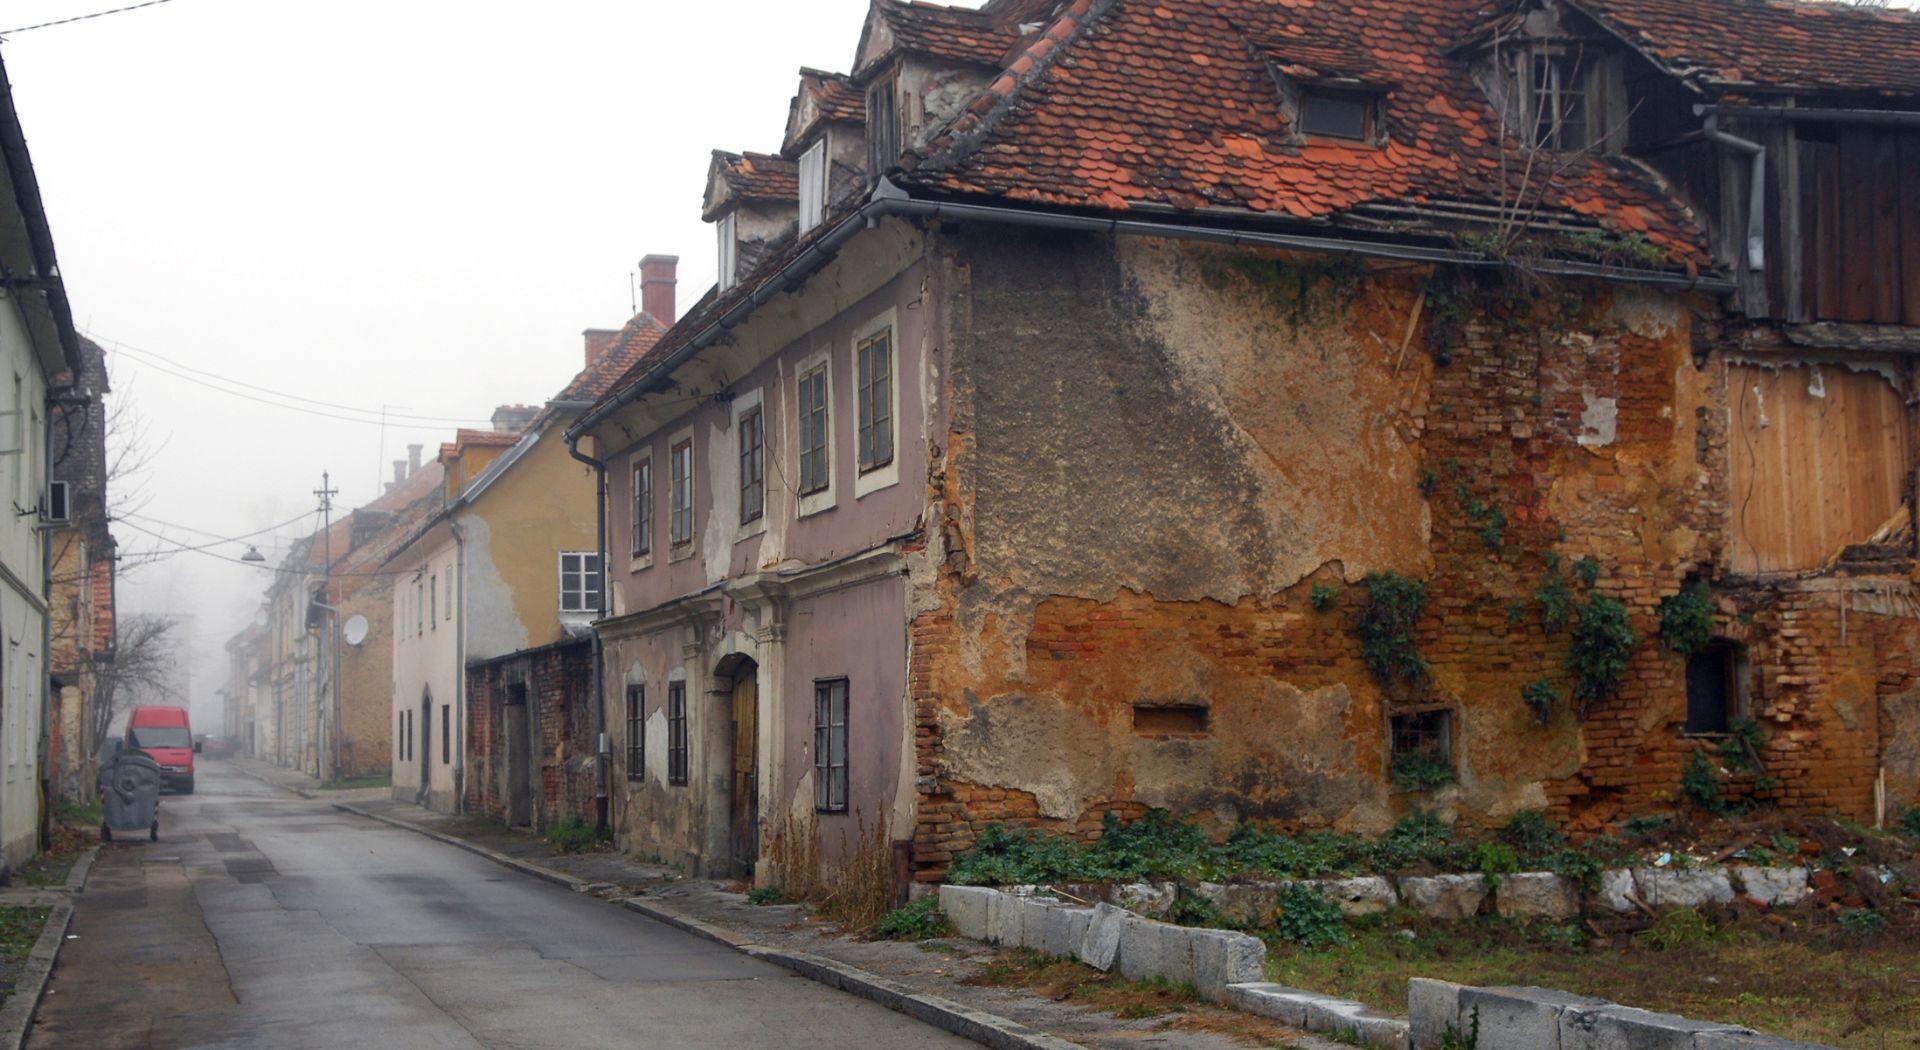 """PROJEKT REVITALIZACIJE: """"Urbanistička početnica"""" u karlovačkoj povijesnoj jezgri Zvijezda"""